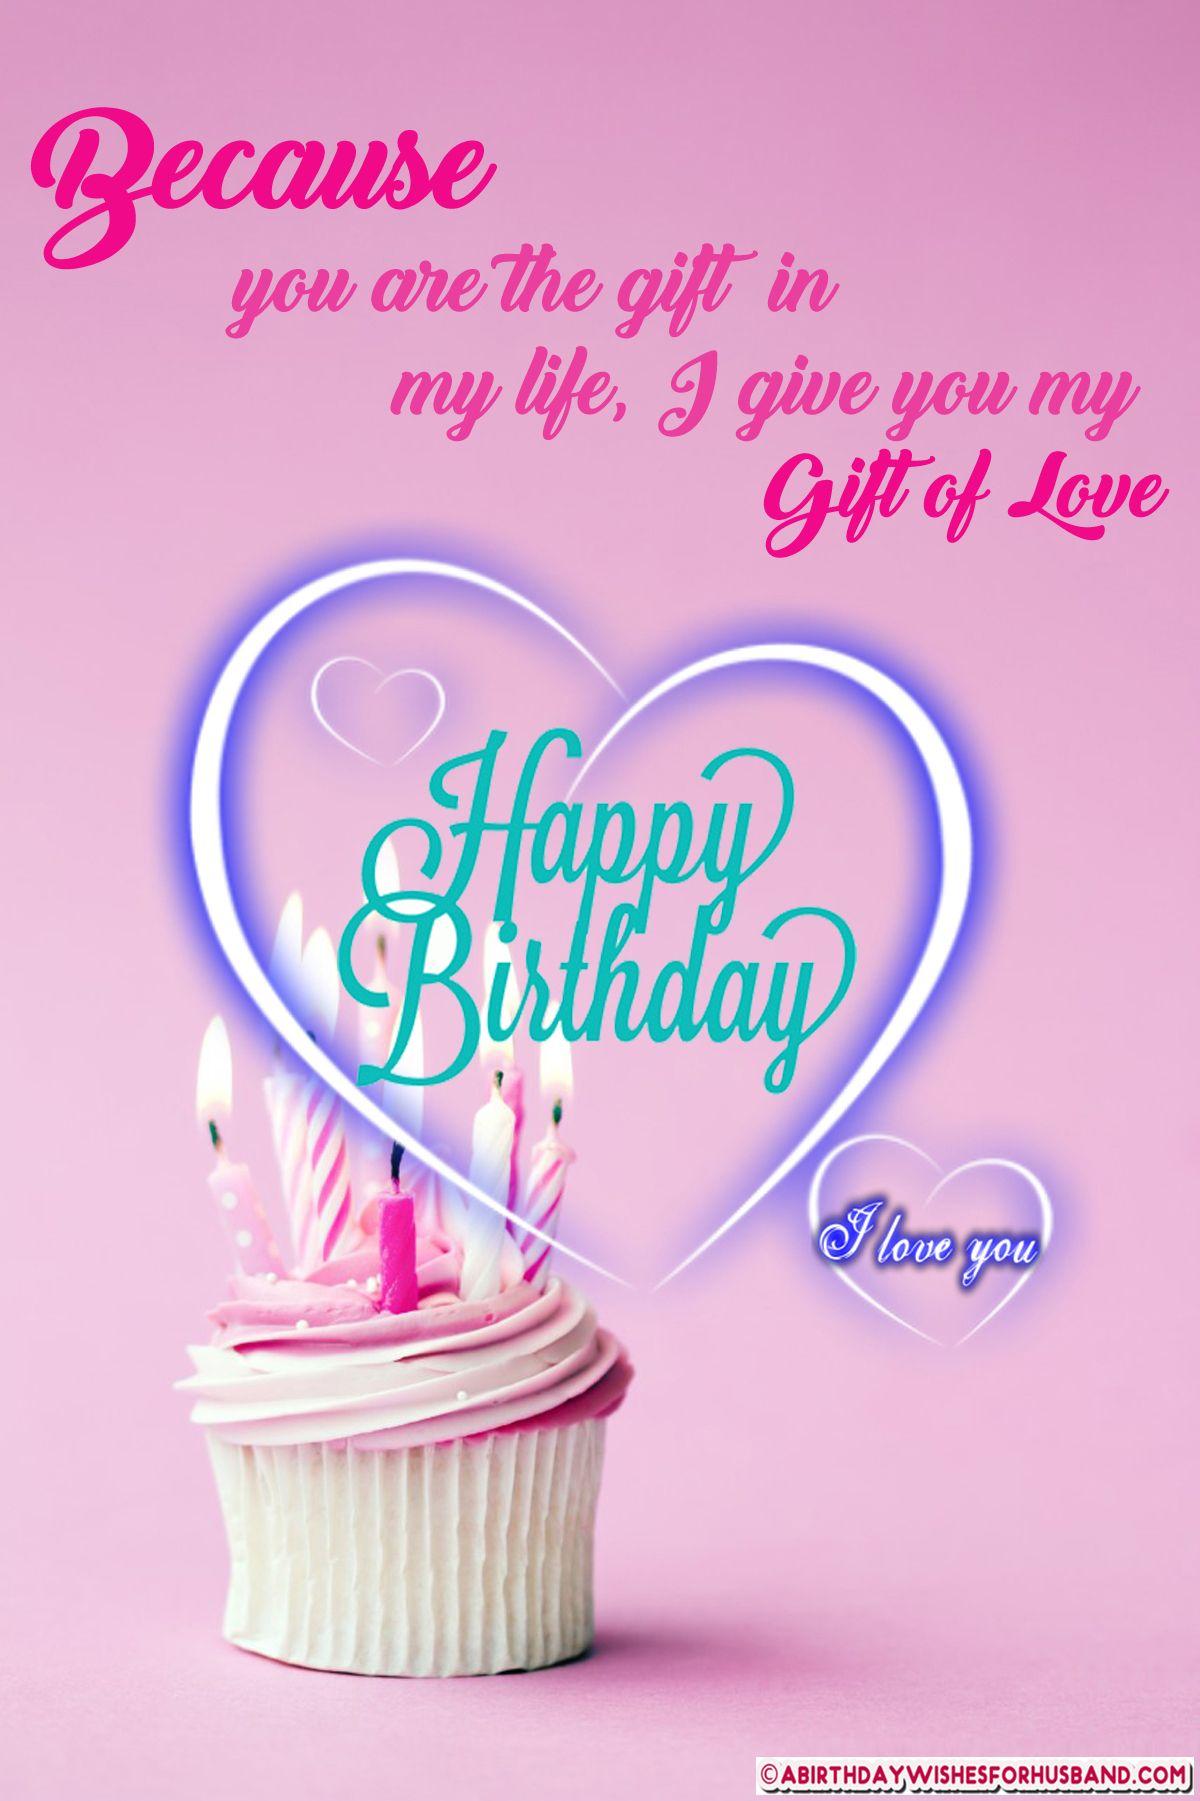 Happy Birthday Wishes To Husband Happy birthday wishes